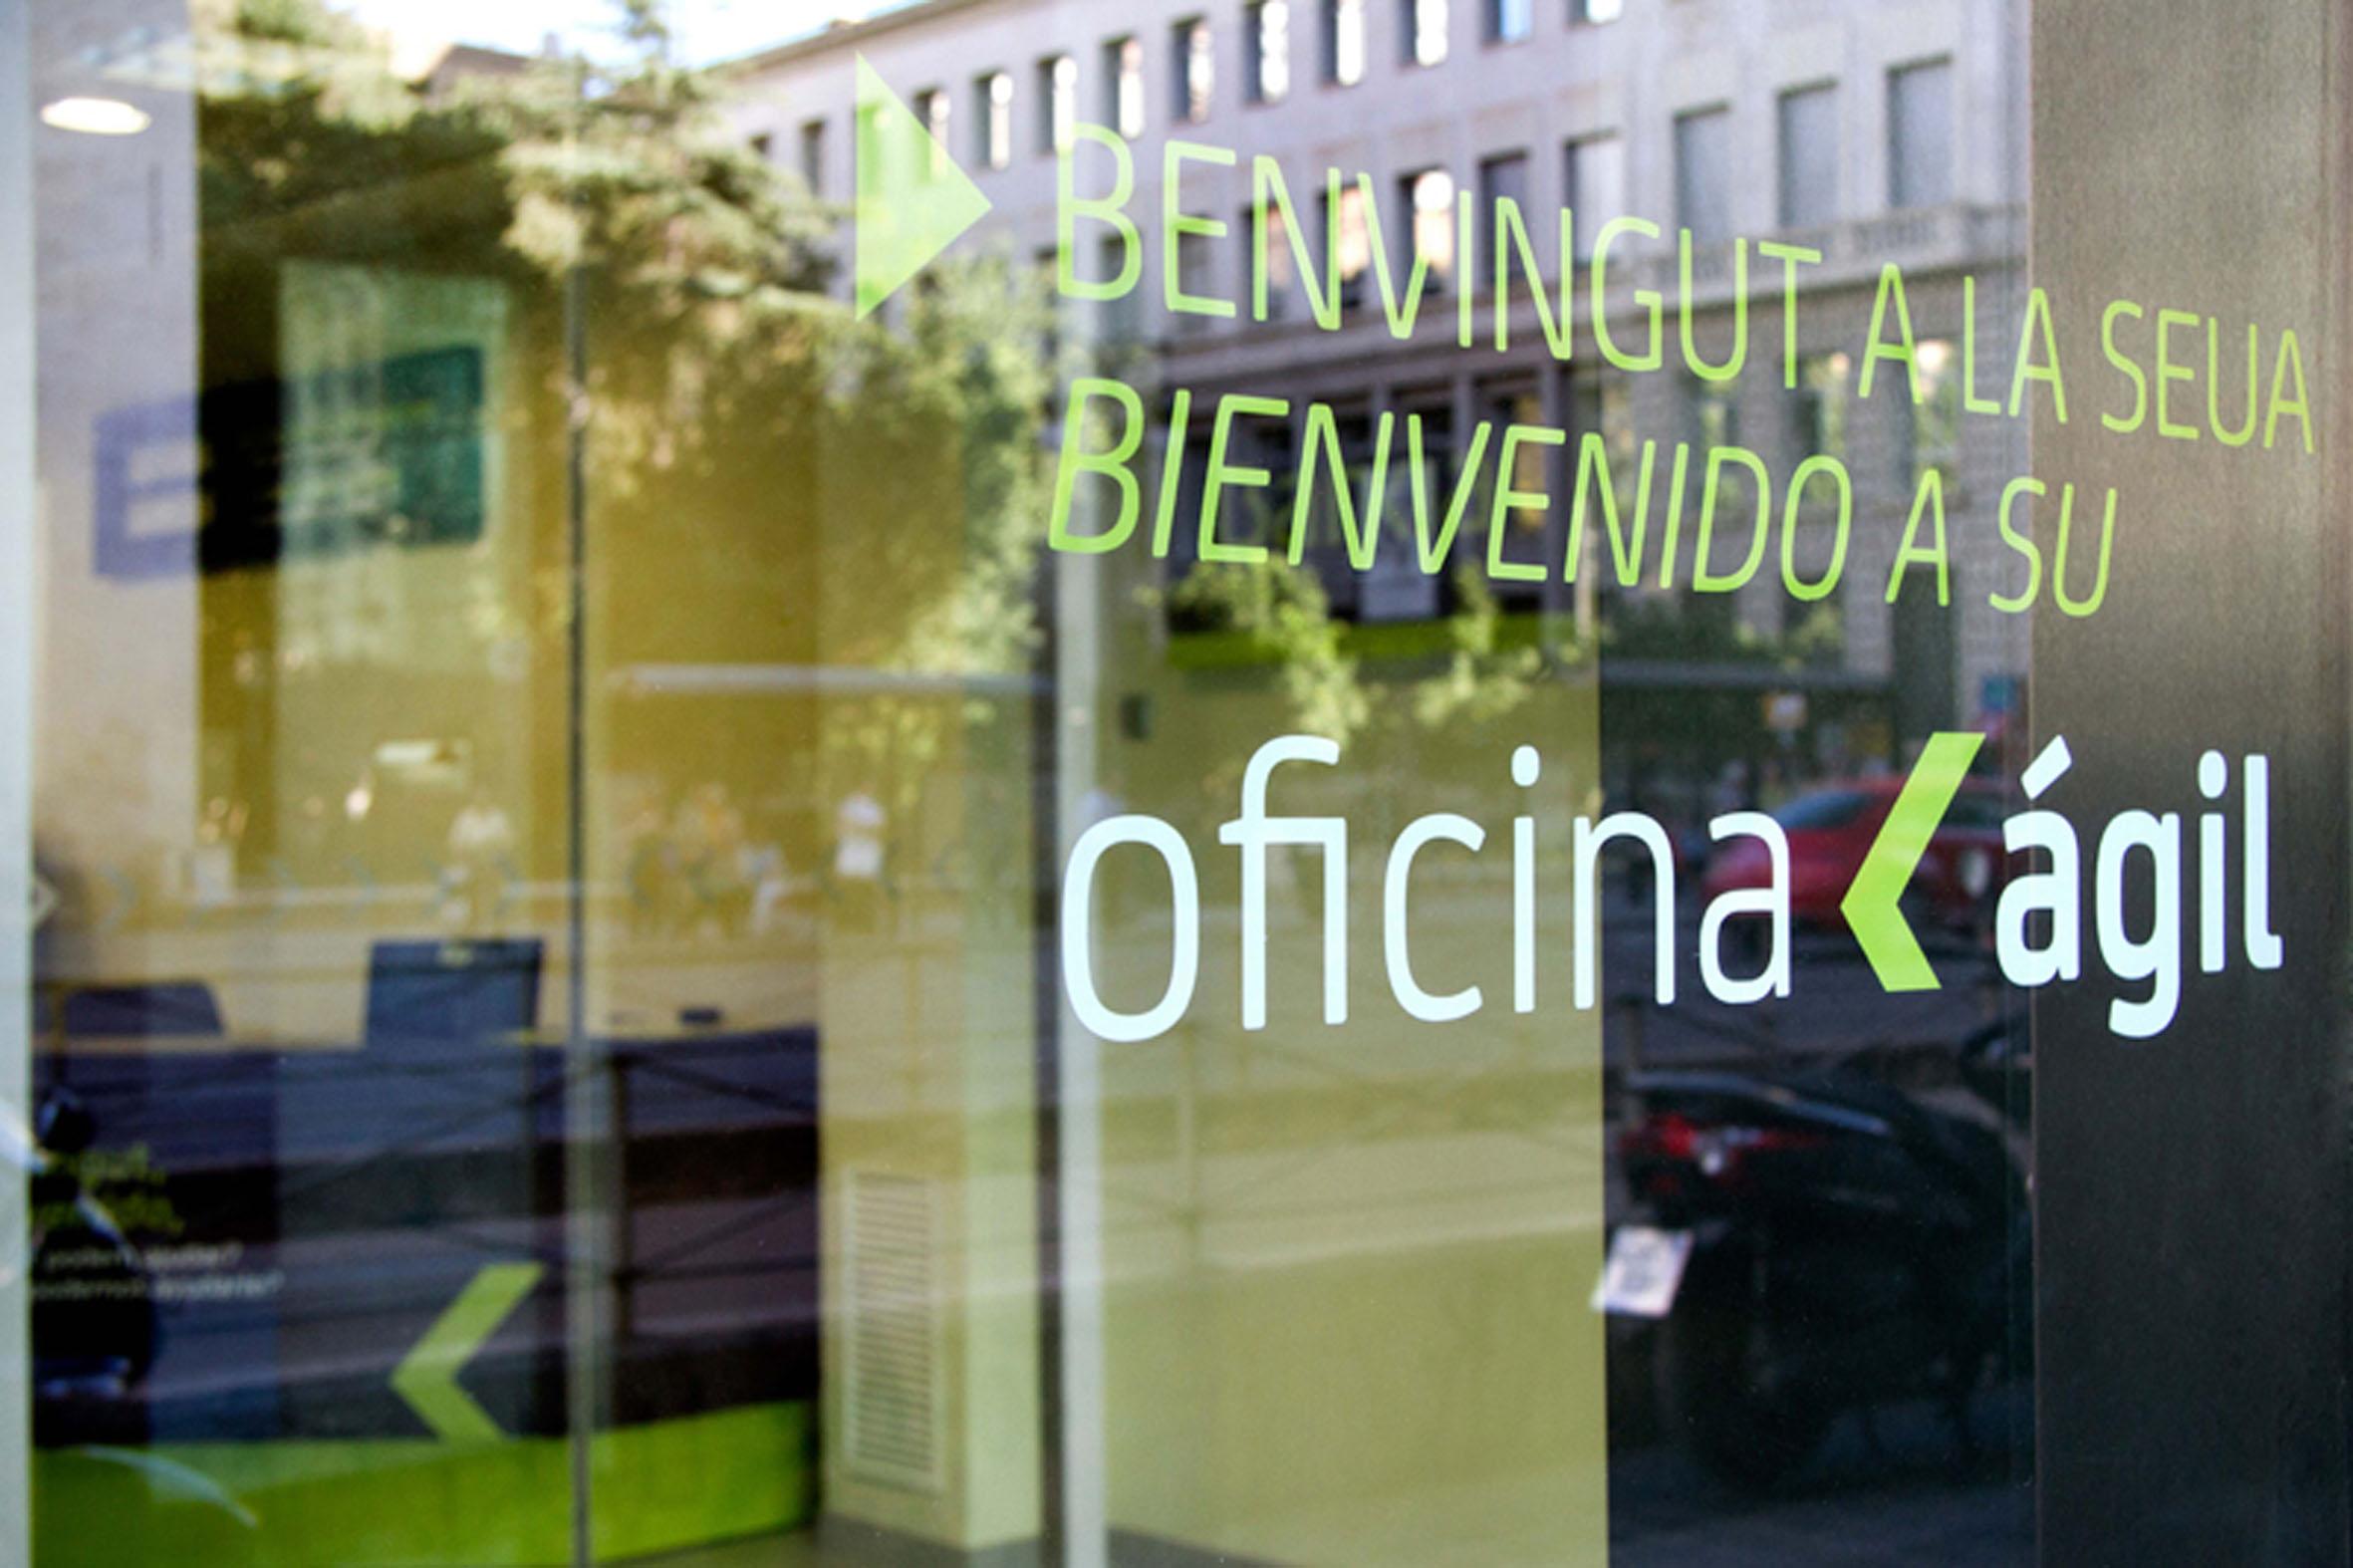 Bankia agil 02 dise o for Oficina agil bankia